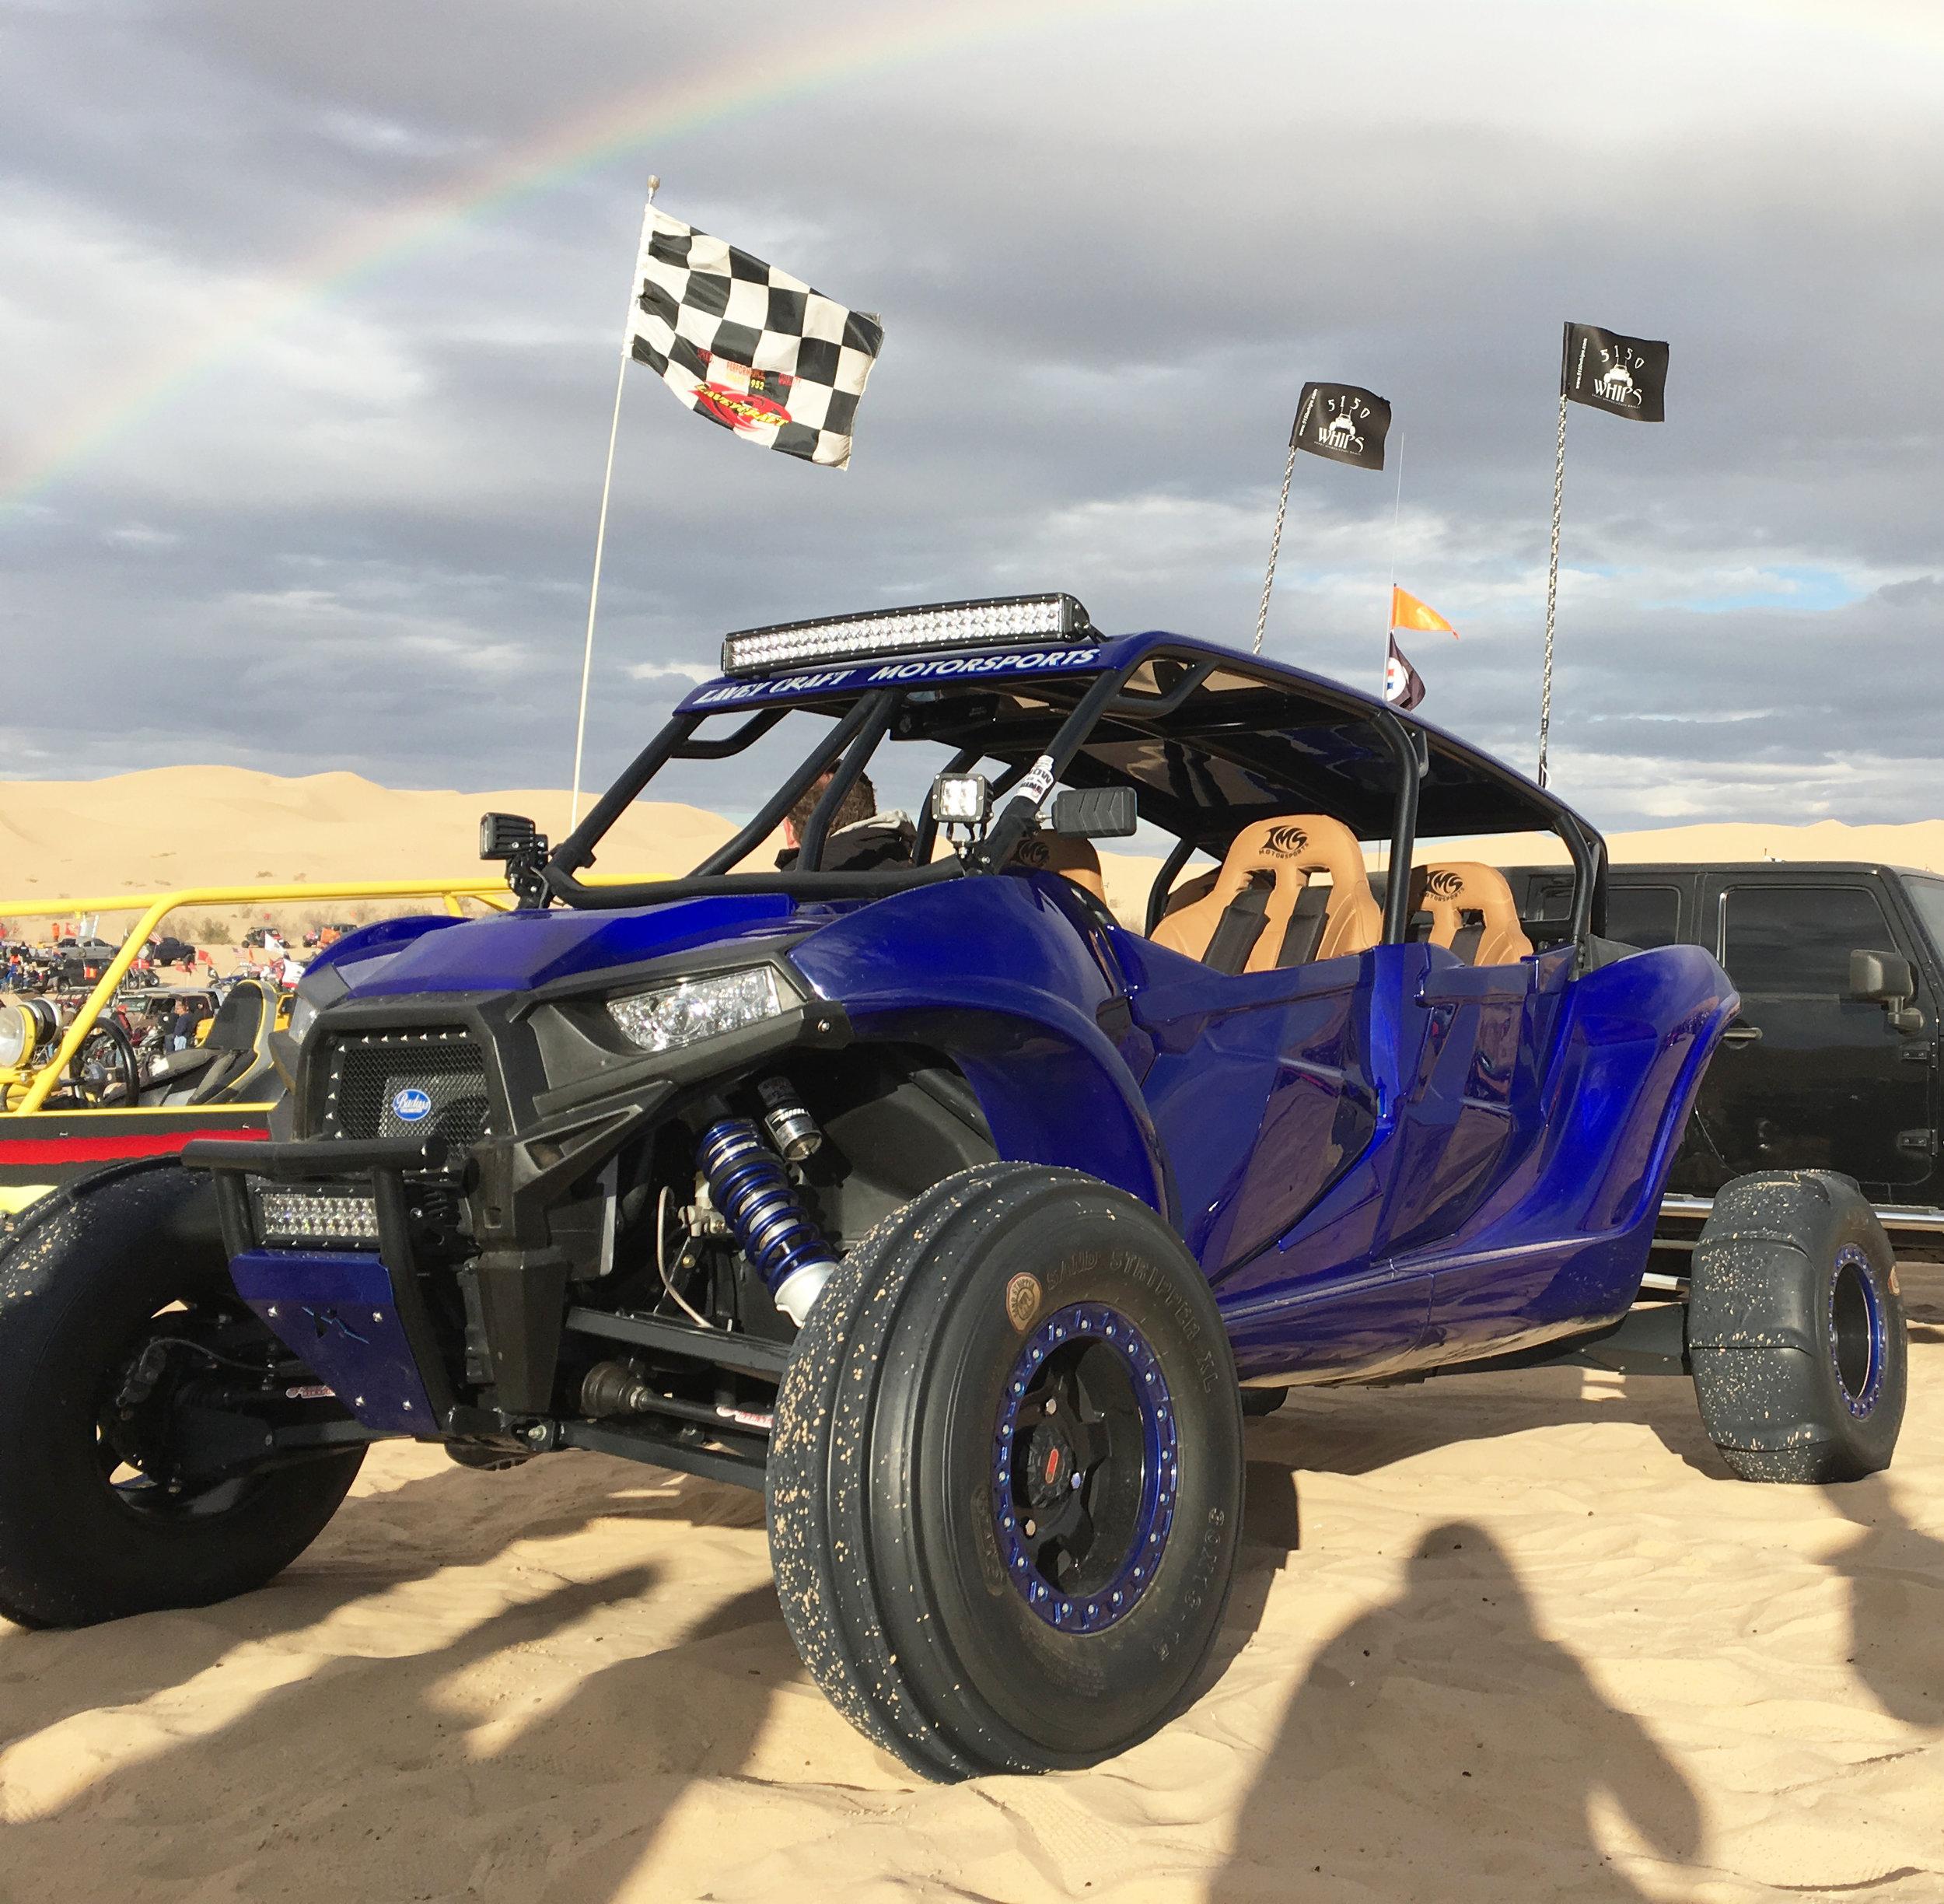 Polaris RZR XP1000 fiberglass body kit by Lavey Craft - Glamis with rainbow.jpg